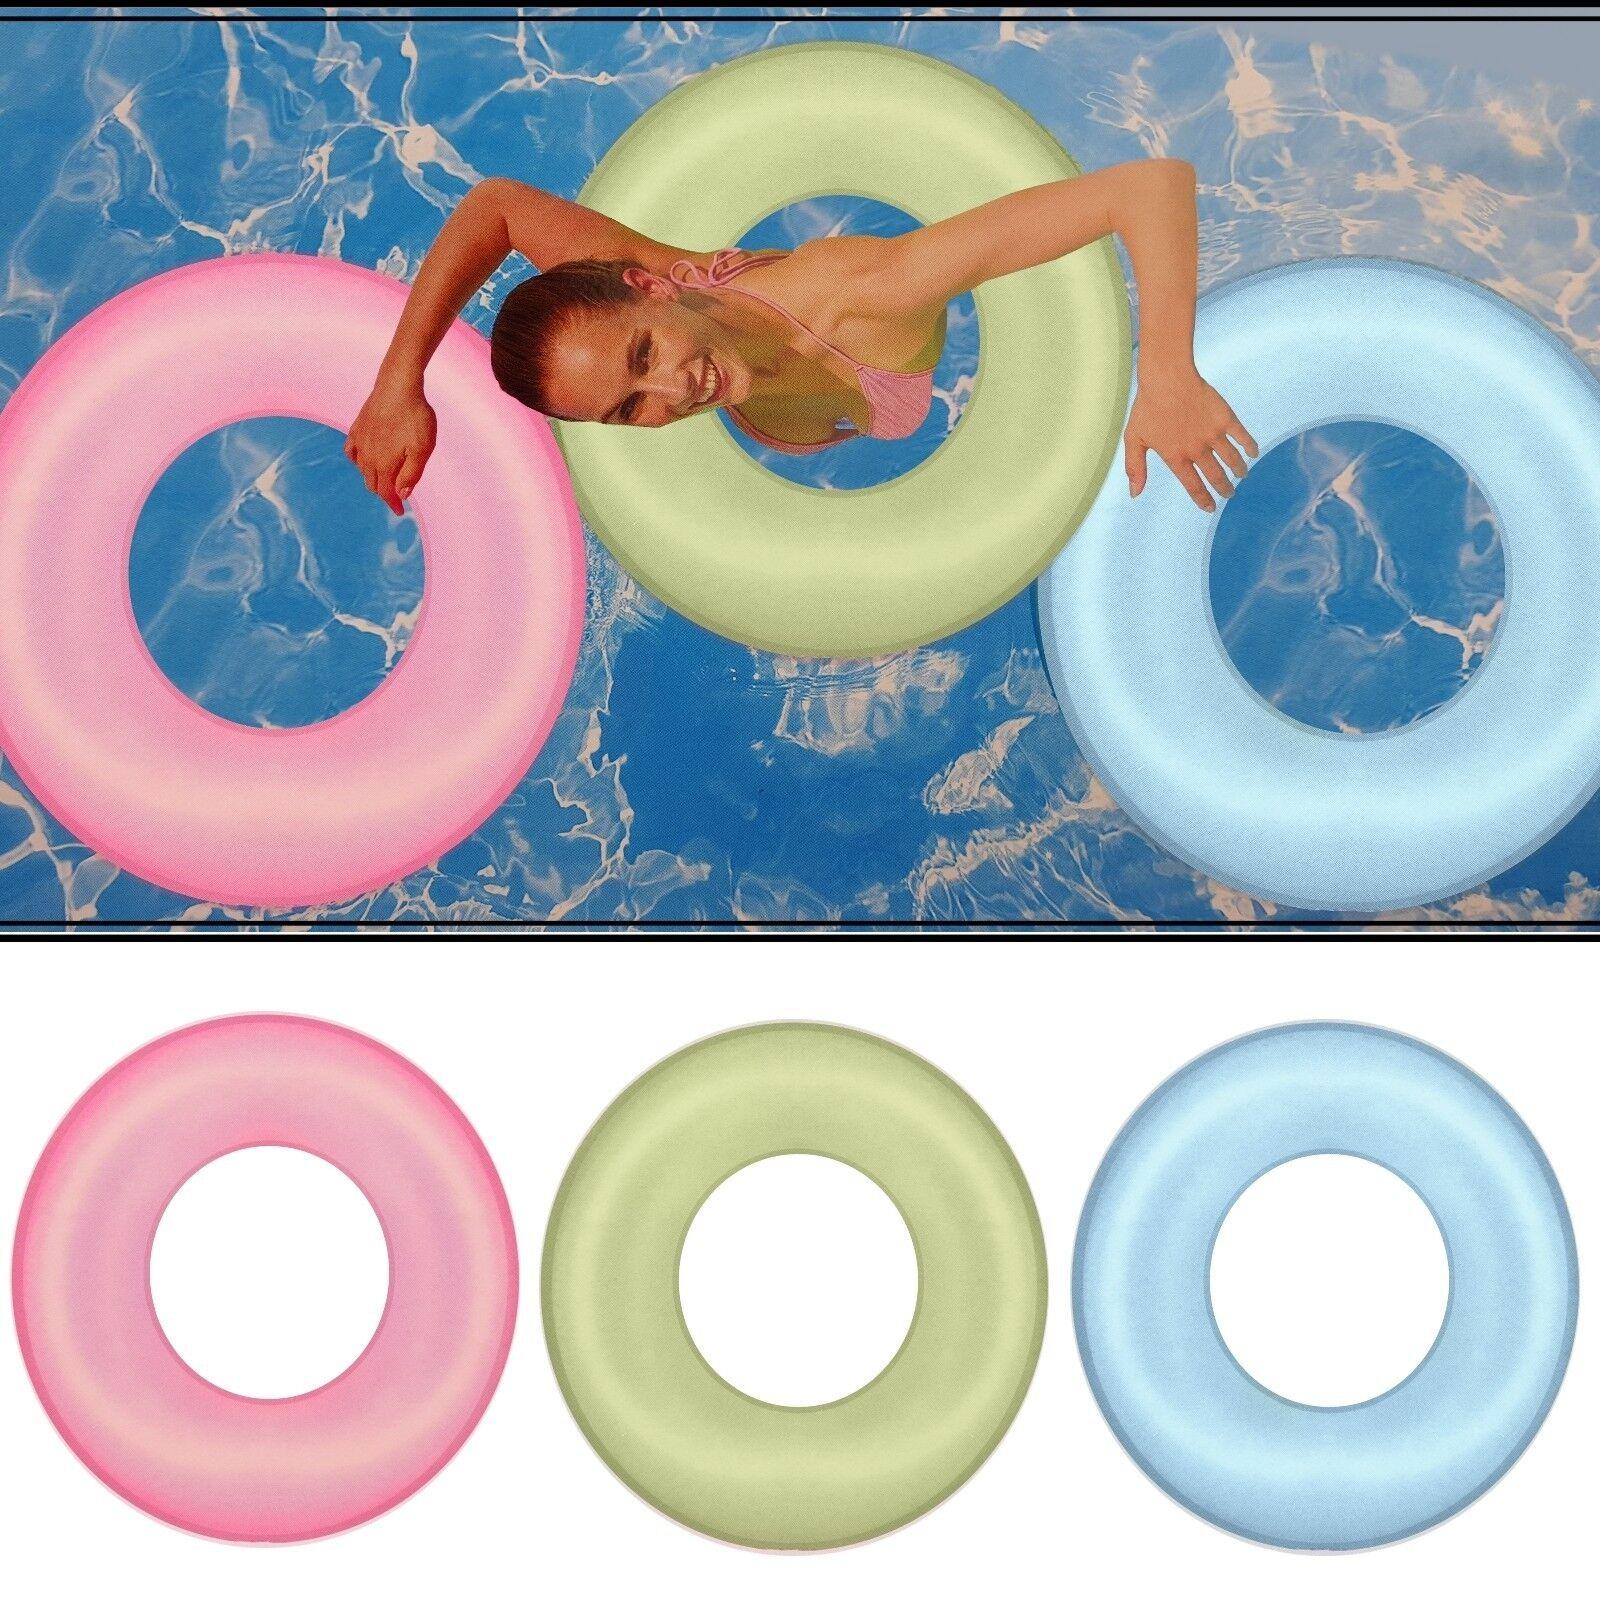 XL Schwimmreifen Schwimmring 76cm Wasserreifen Schwimm Ring Reifen Badespaß